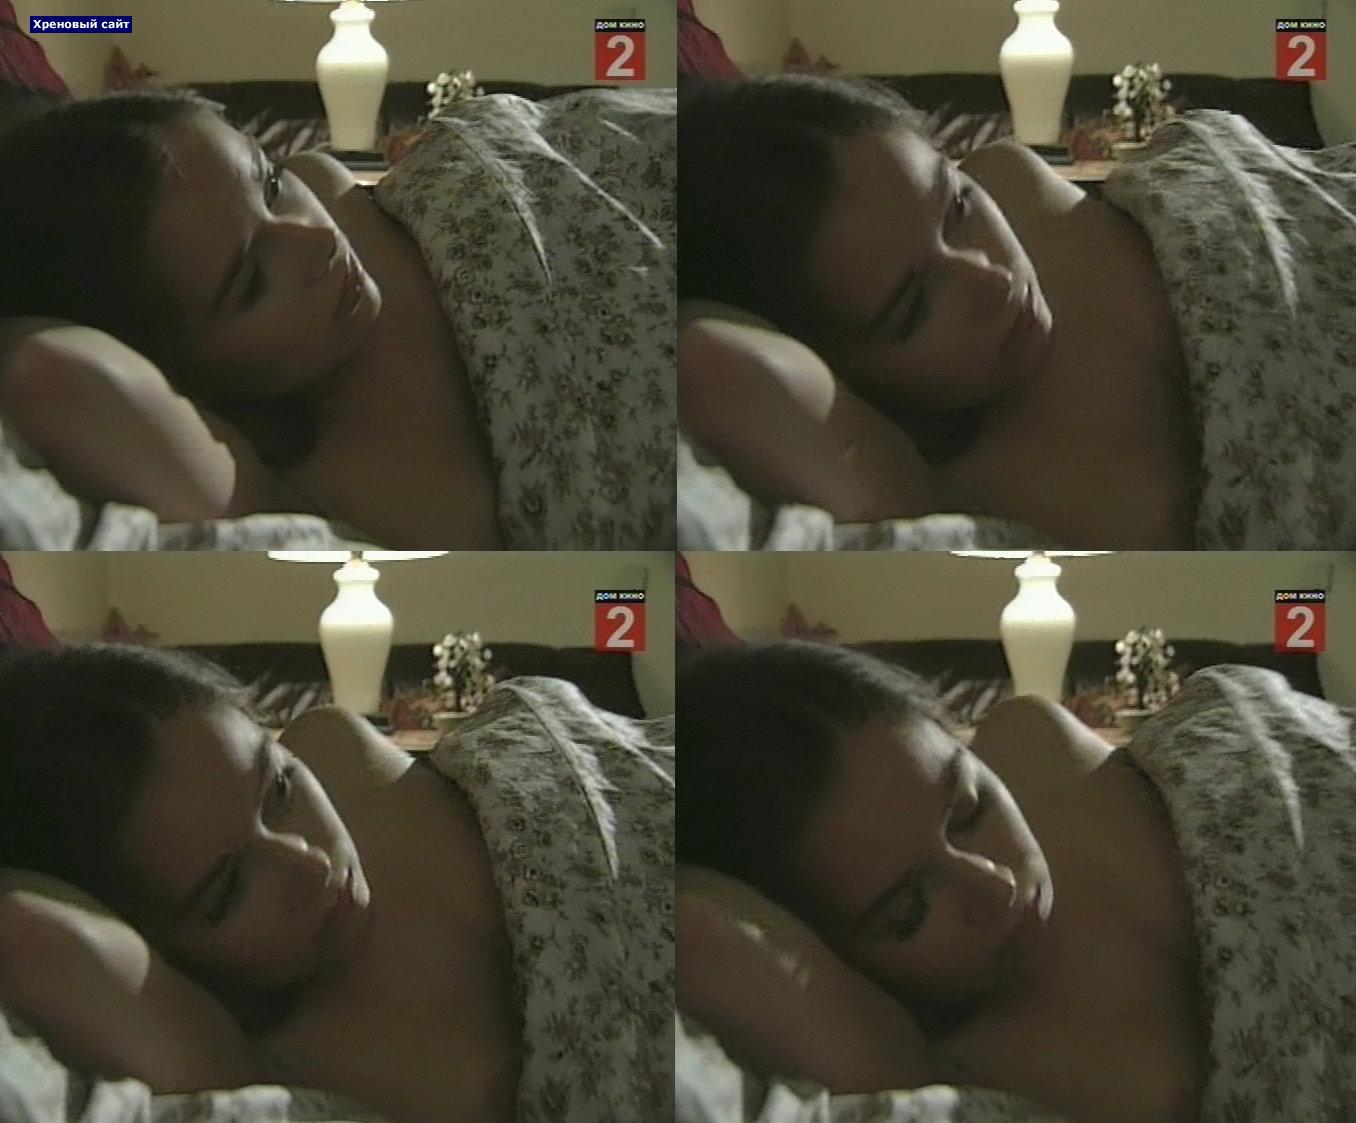 Порно фильмы Эротические фильмы Full hd 1080p порно